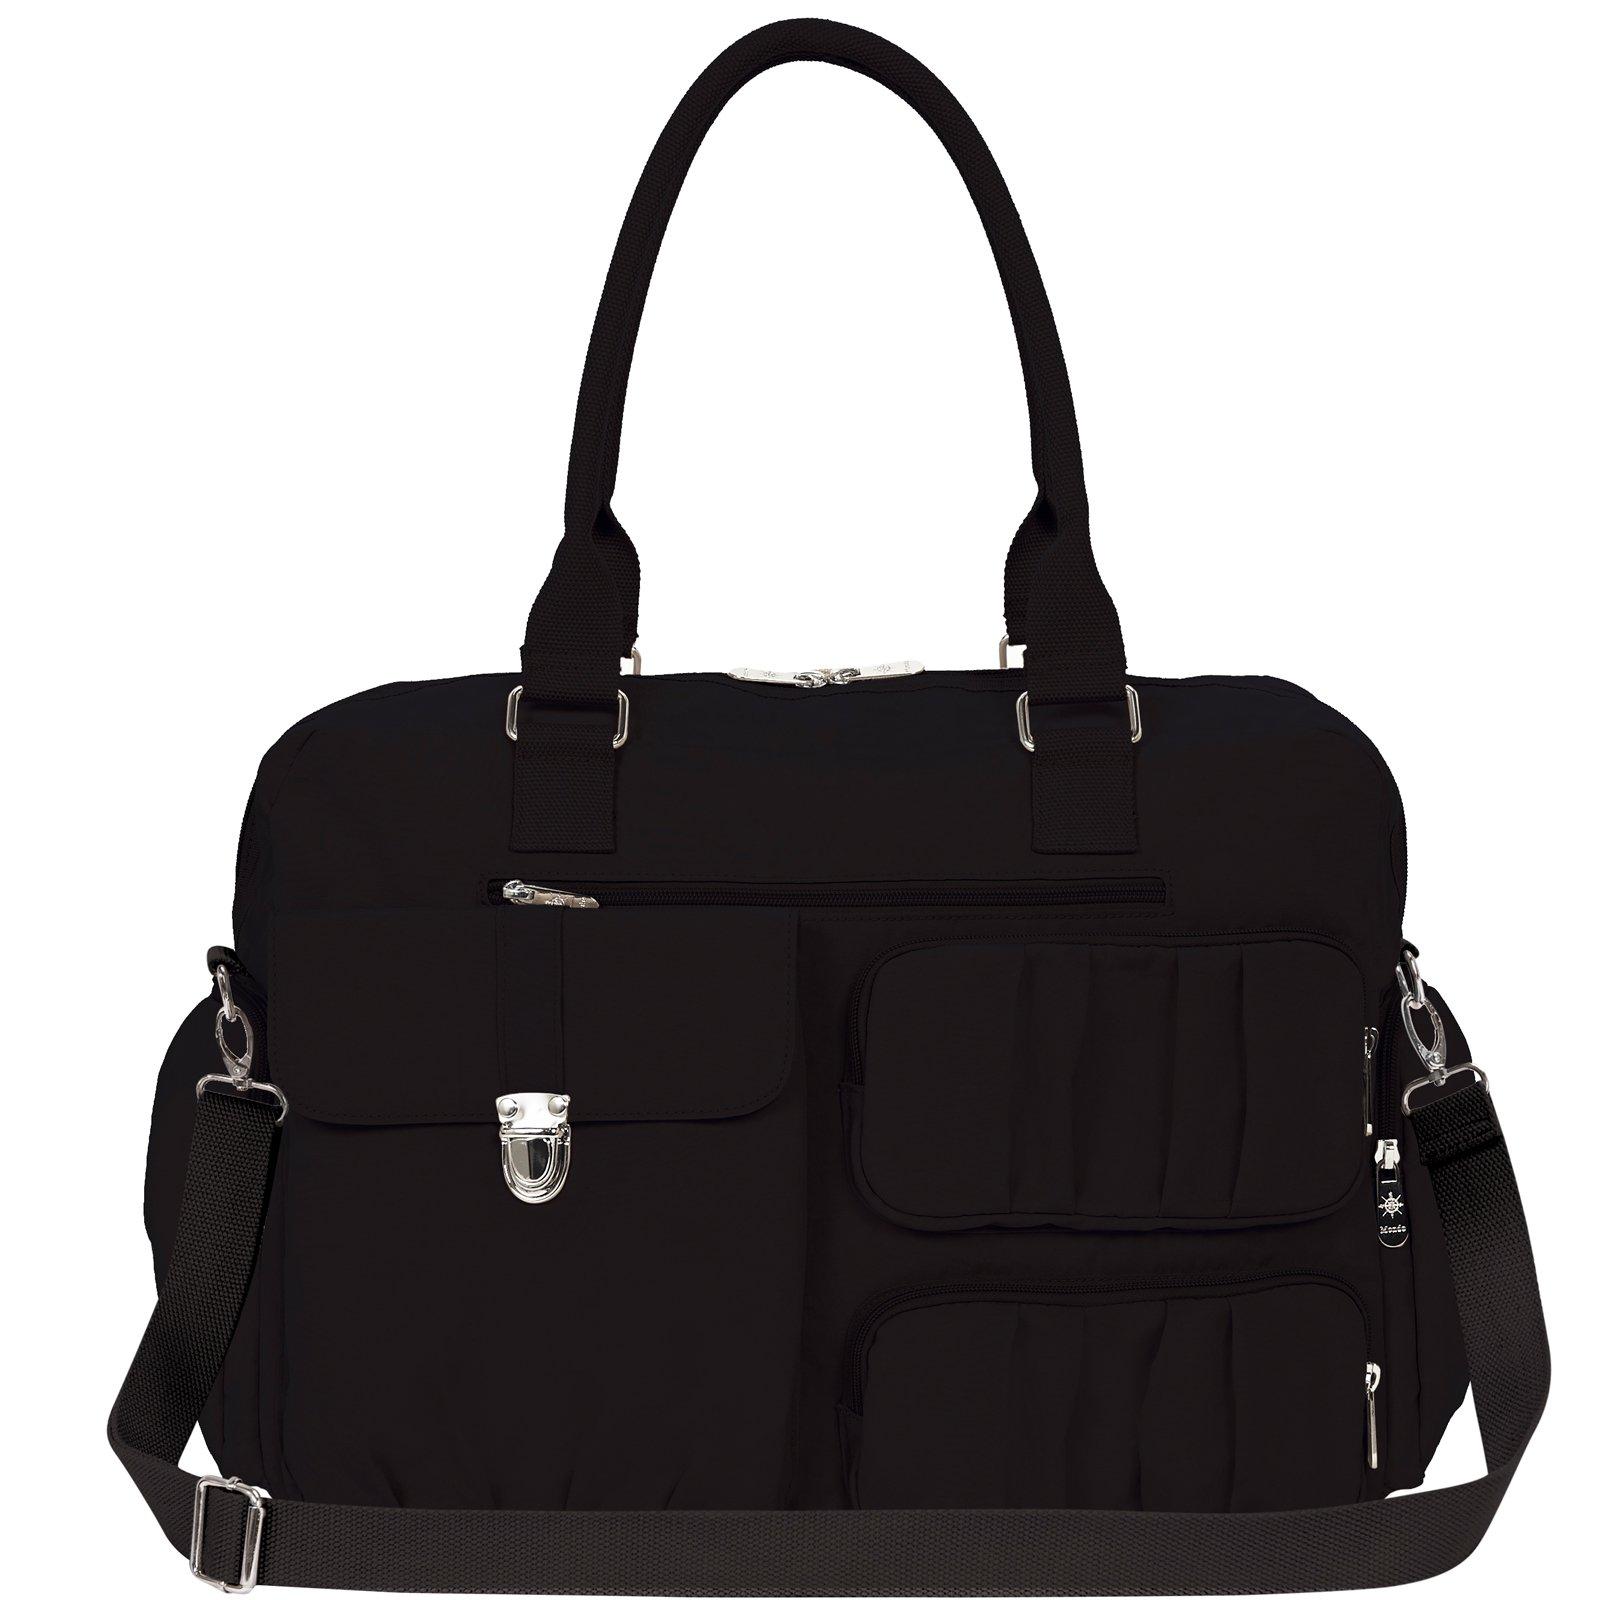 Mondo Top Handle Nylon Travel Tote Weekender Handbag with Shoulder Strap